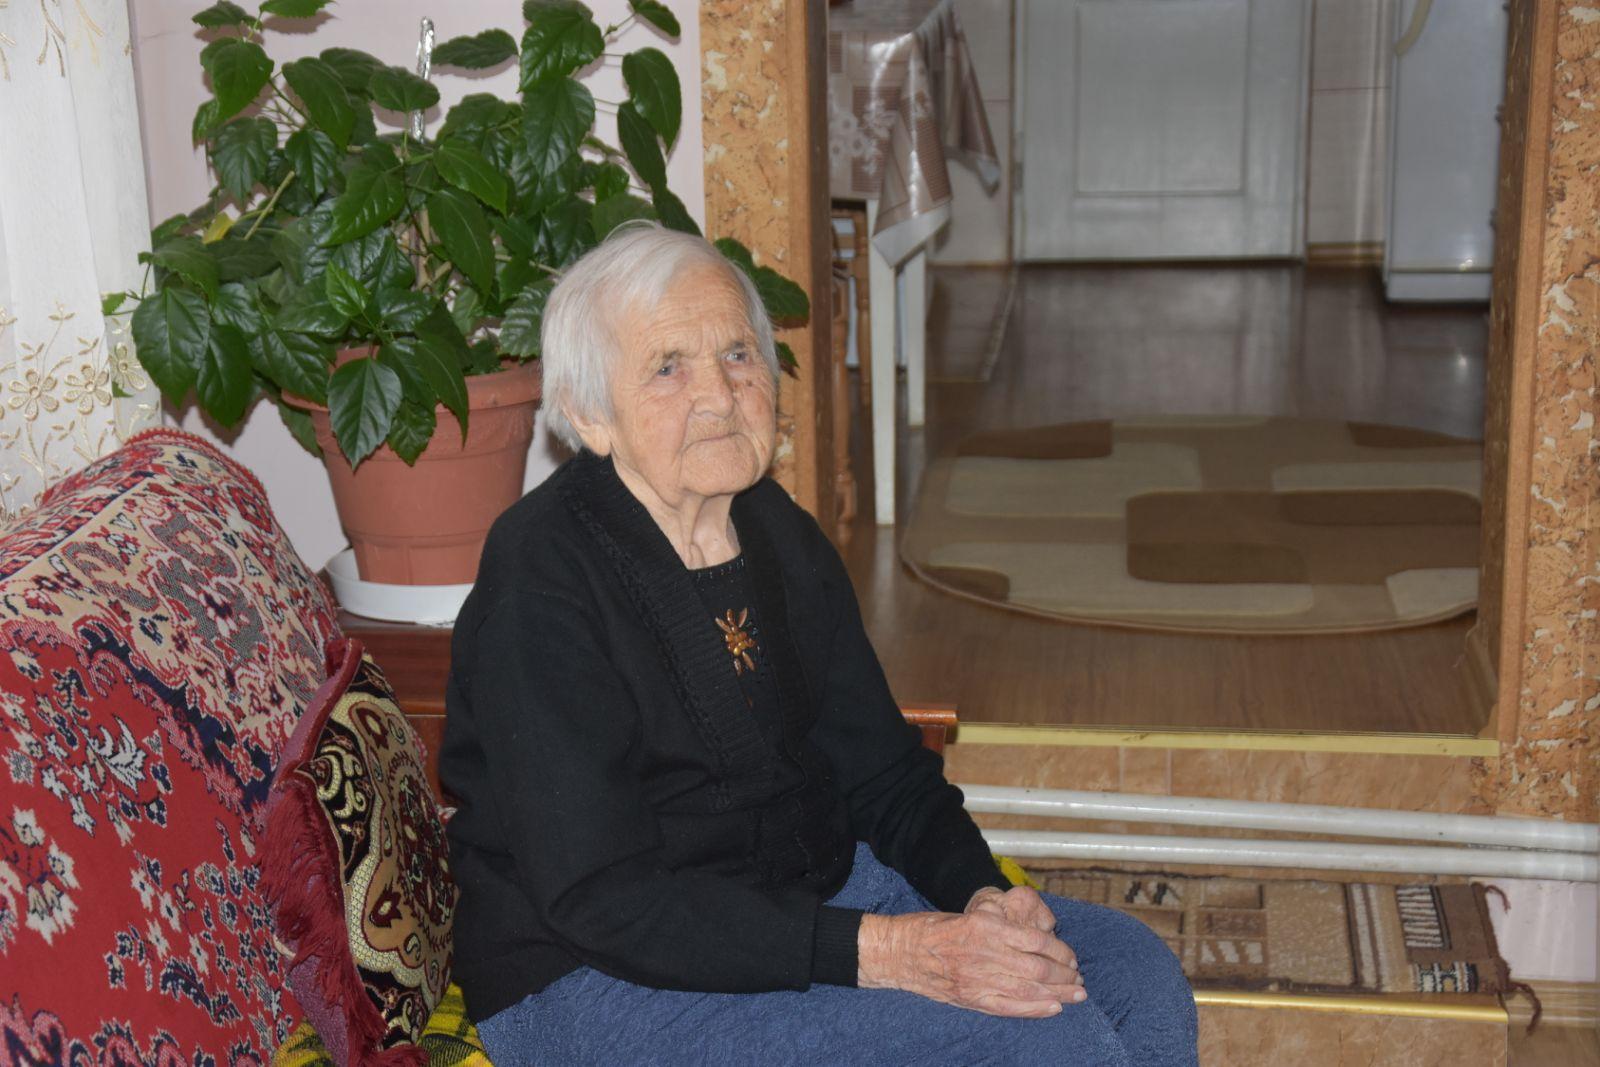 З 98 – річчям привітали одну з найстаріших жительок Іршави